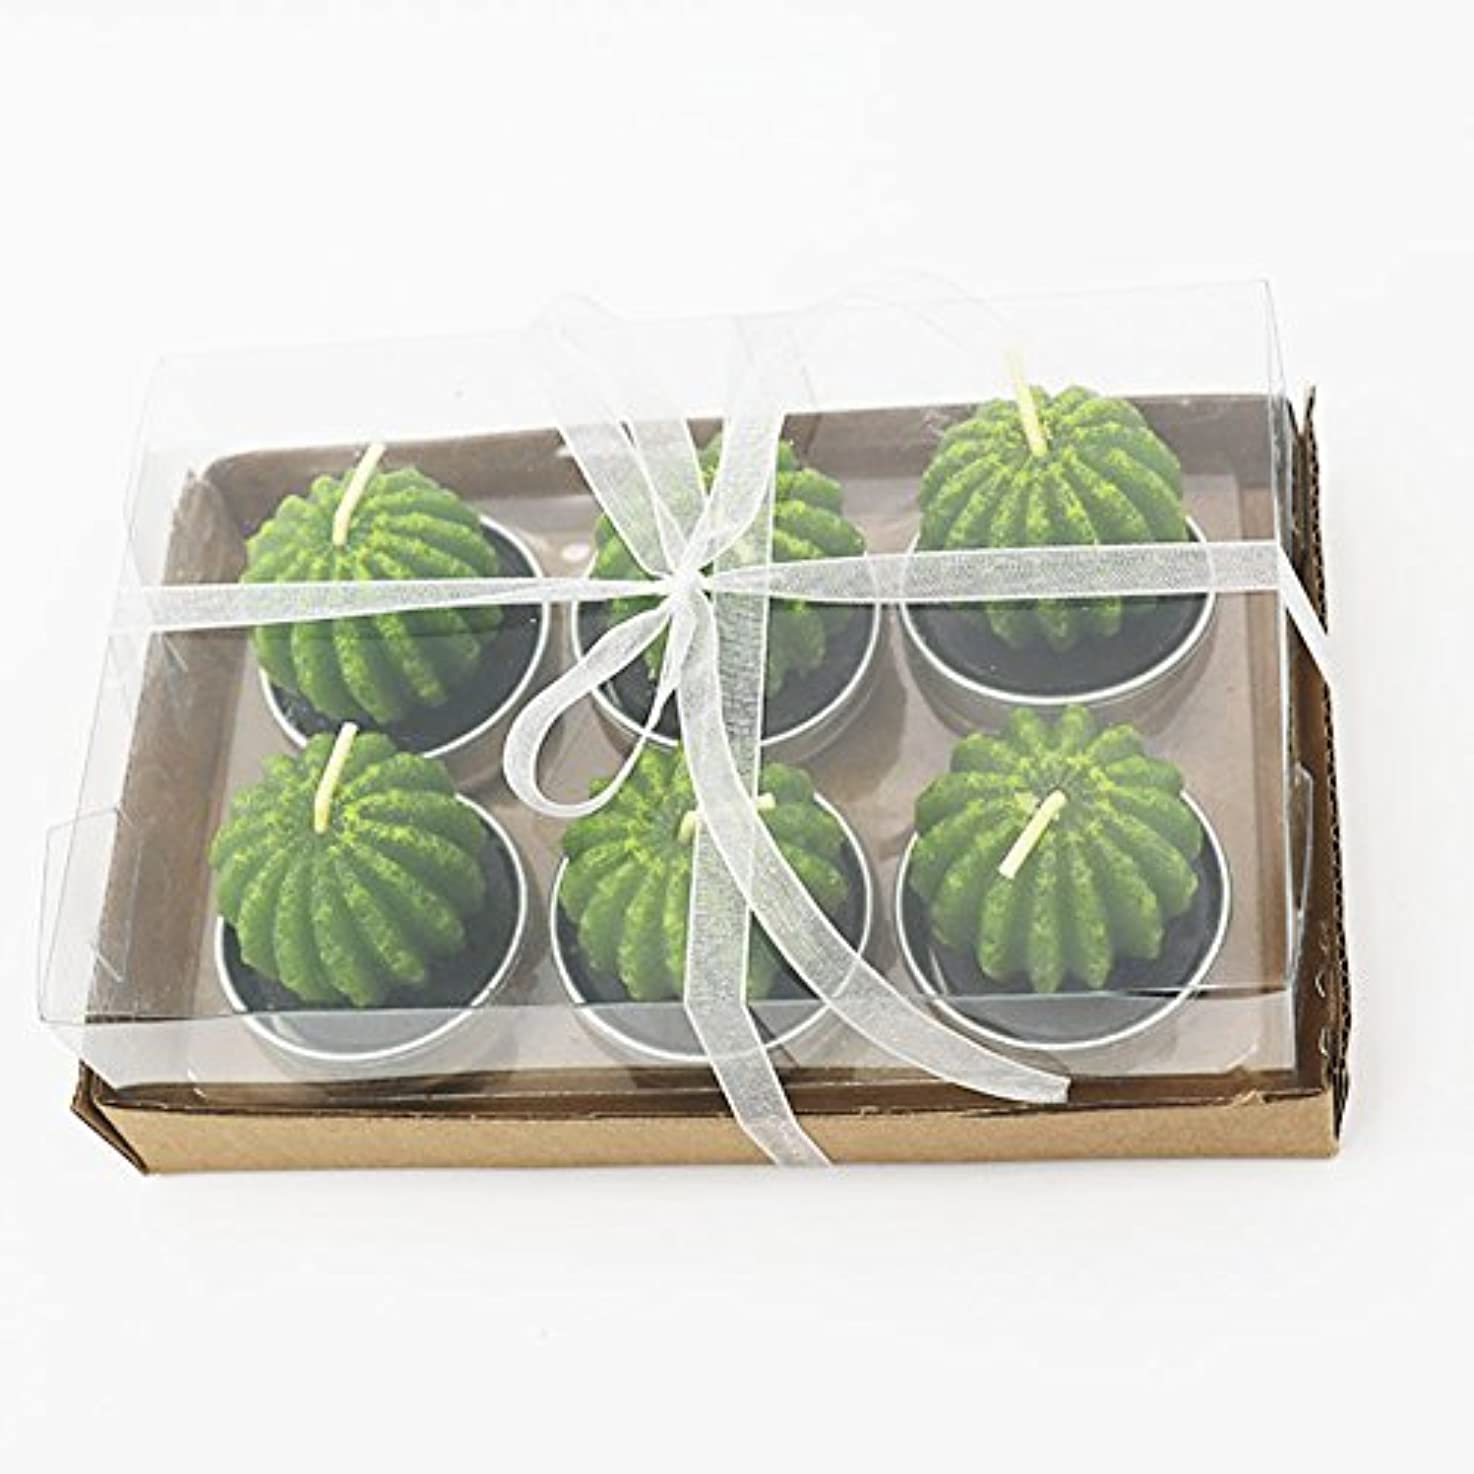 エコーバレーボール認識Liebeye キャンドル 多肉植物スモークフリーのクリエイティブなキャンドル100%自然のワックスかわいい模造植物フルーツの形状低温キャンドル 6個/箱 妖精のボール箱